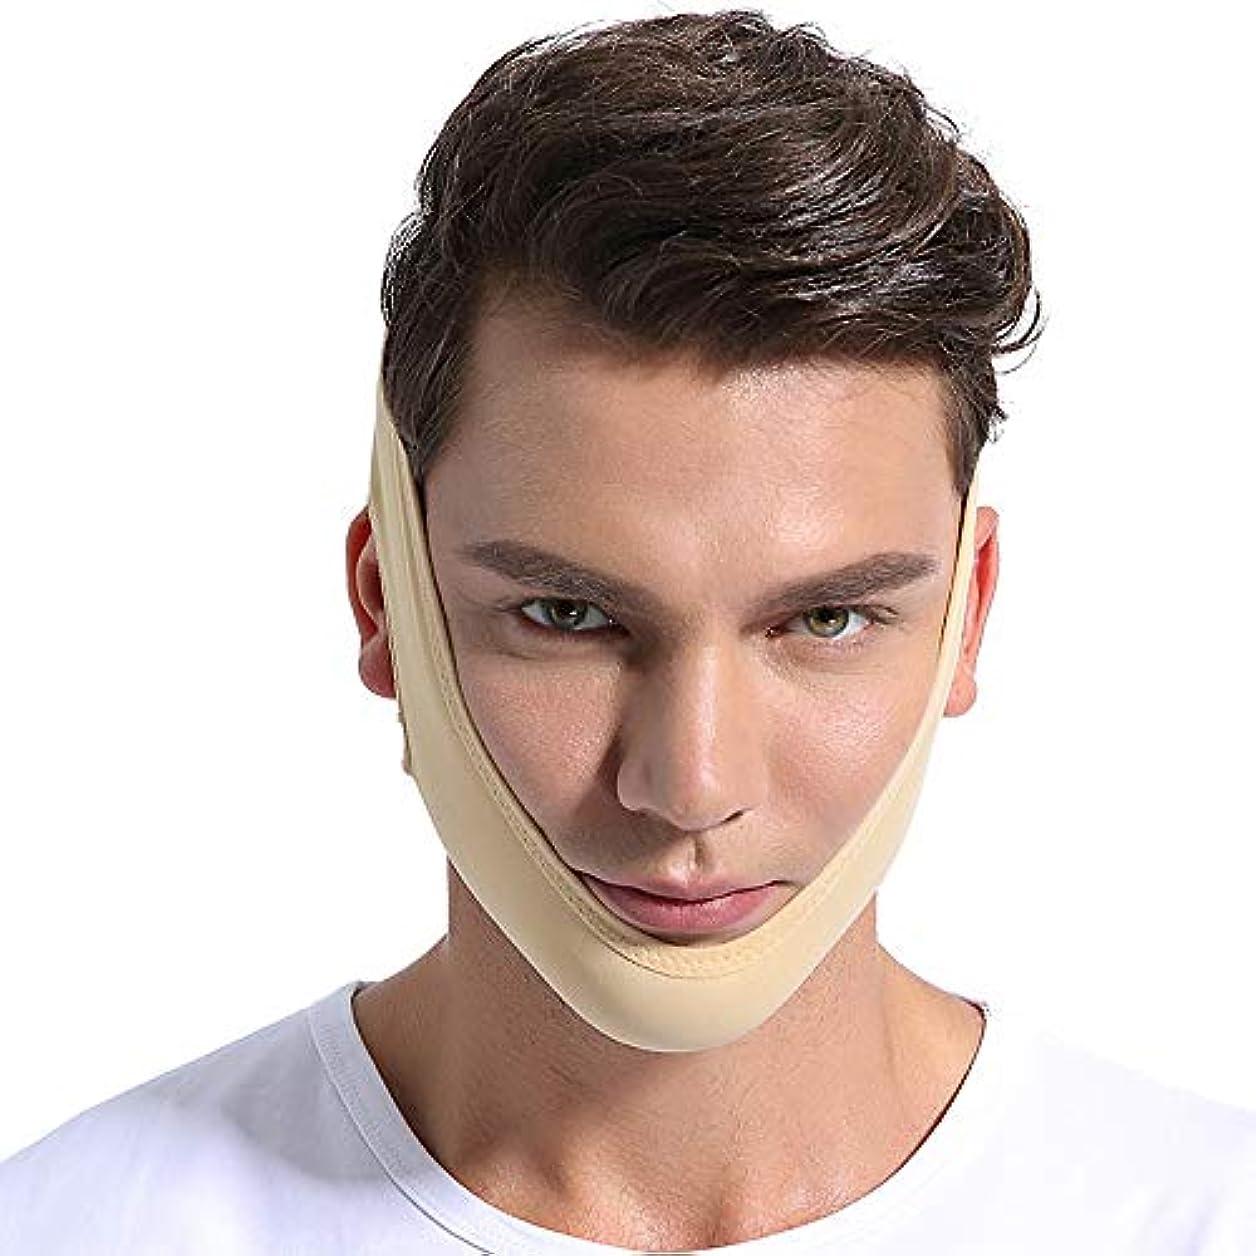 のヒープ生産的ルーム女性用フェイススリミングマスク、ウェルネスマスク、フェイスケア用フェイスバンデージフェイシャルスリミングマスクシンネックフェイスリフトダブルチンVフェイスラインアンチストレスマスクスムース通気性スリムアップベルトストラップ